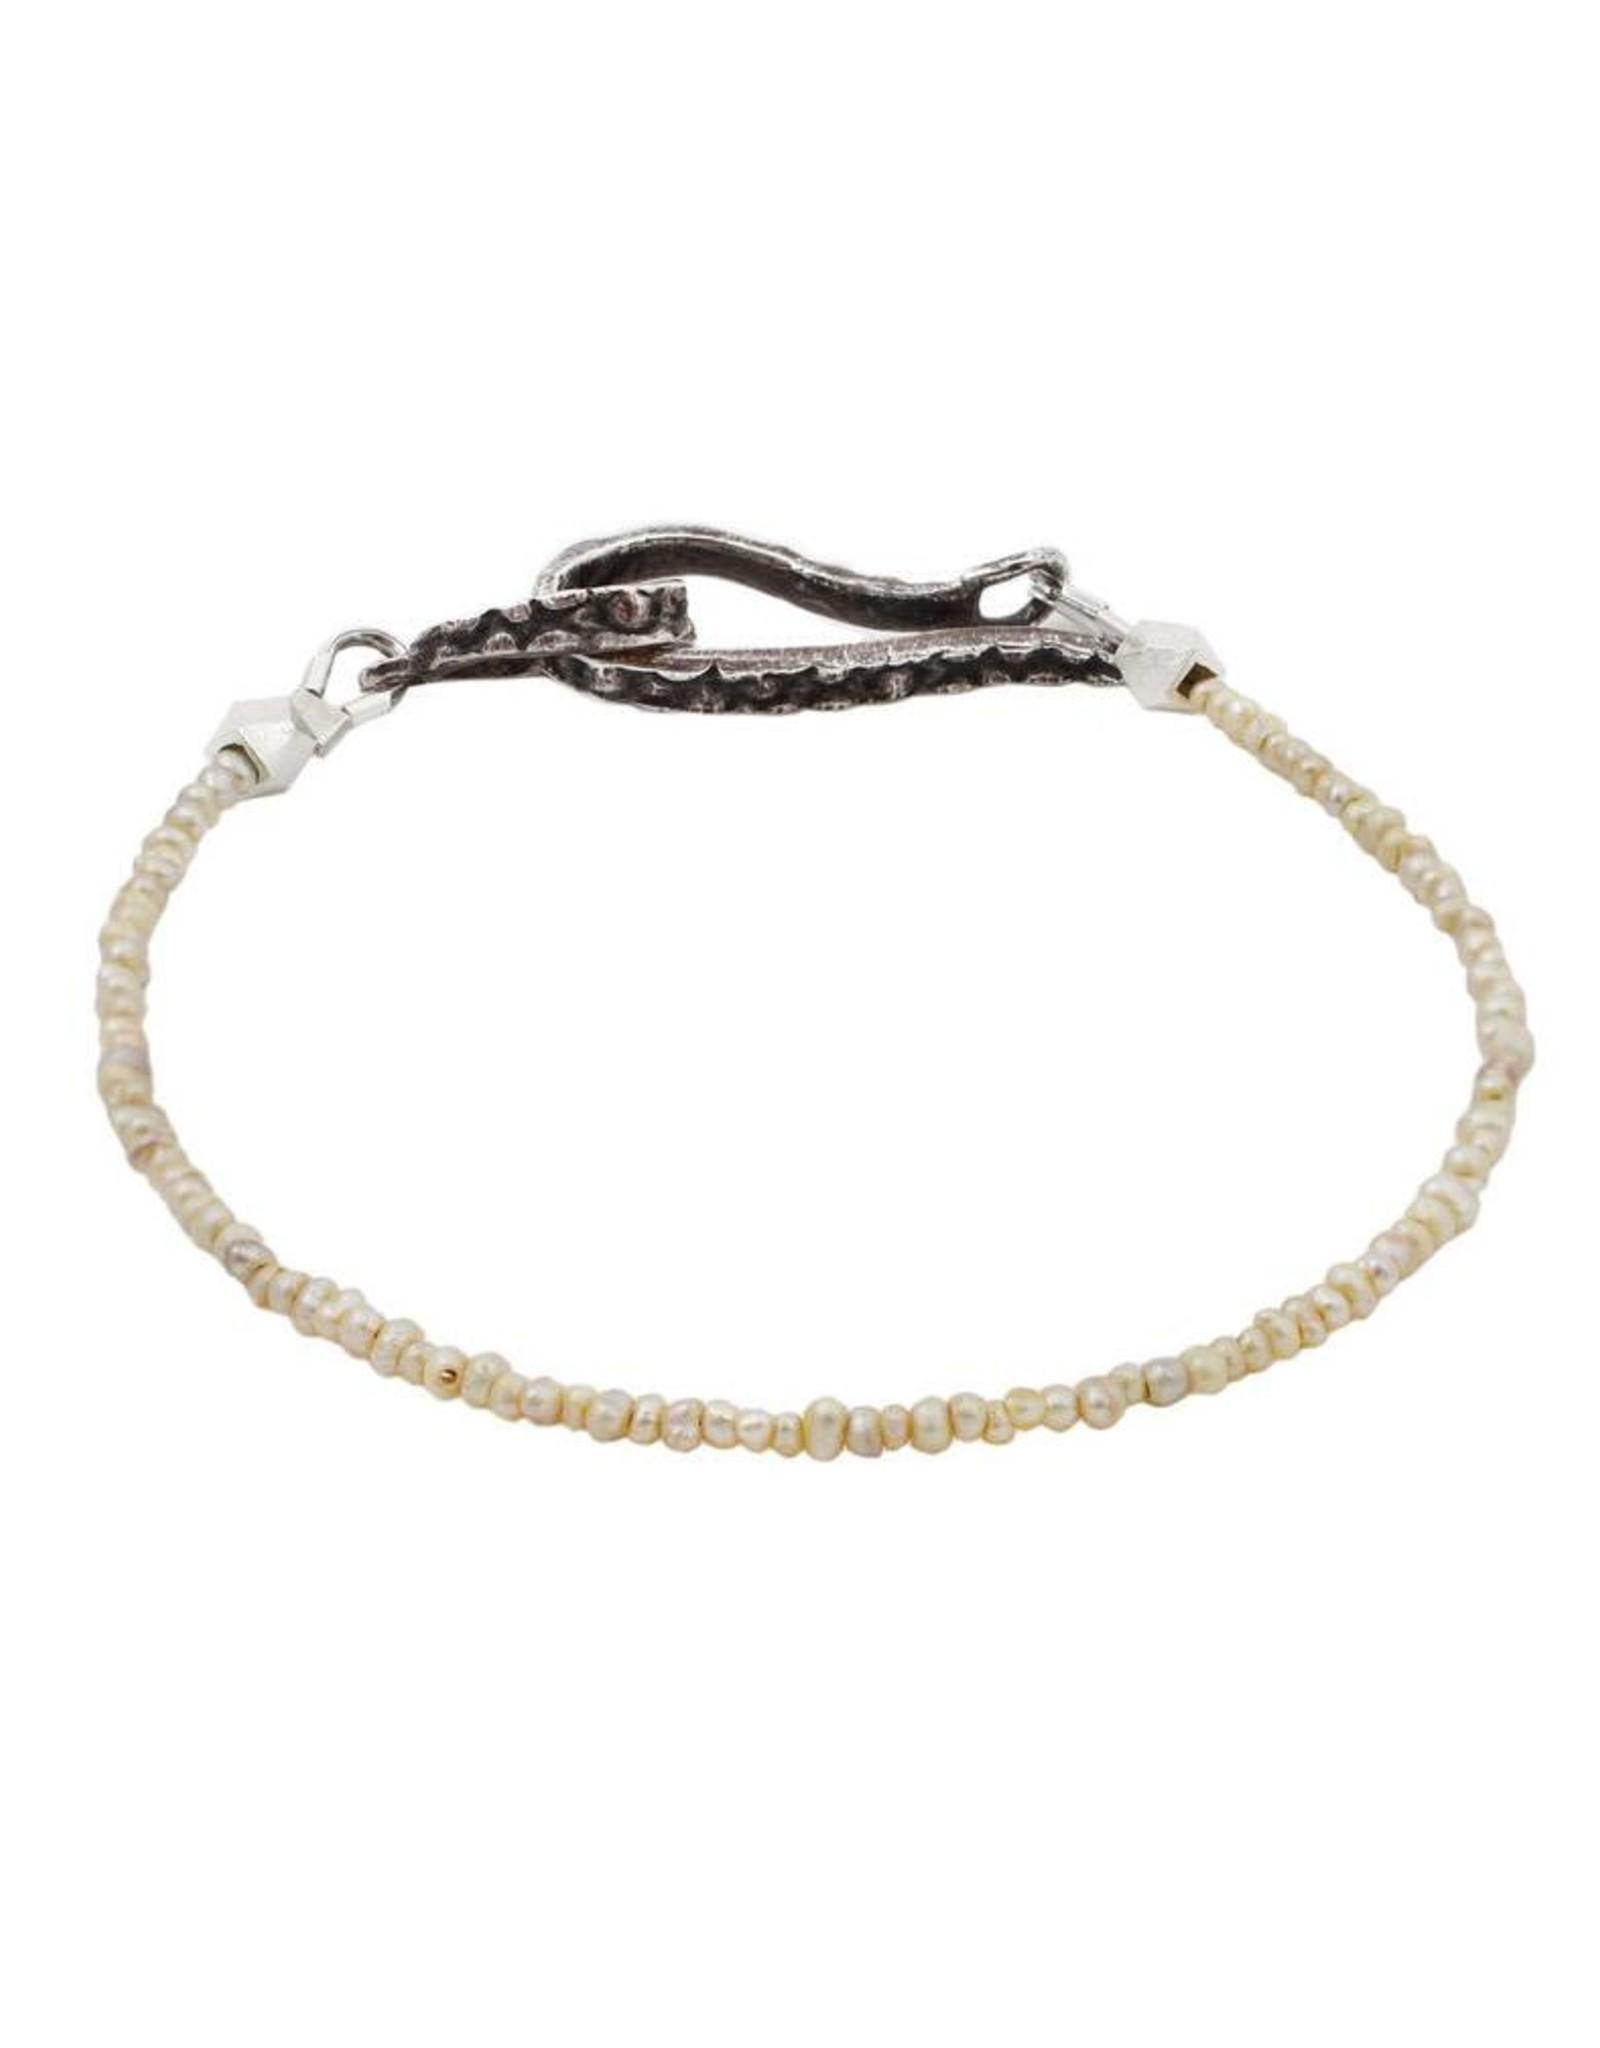 Lauren Wolf Jewelry Strand Bracelet - Pearl